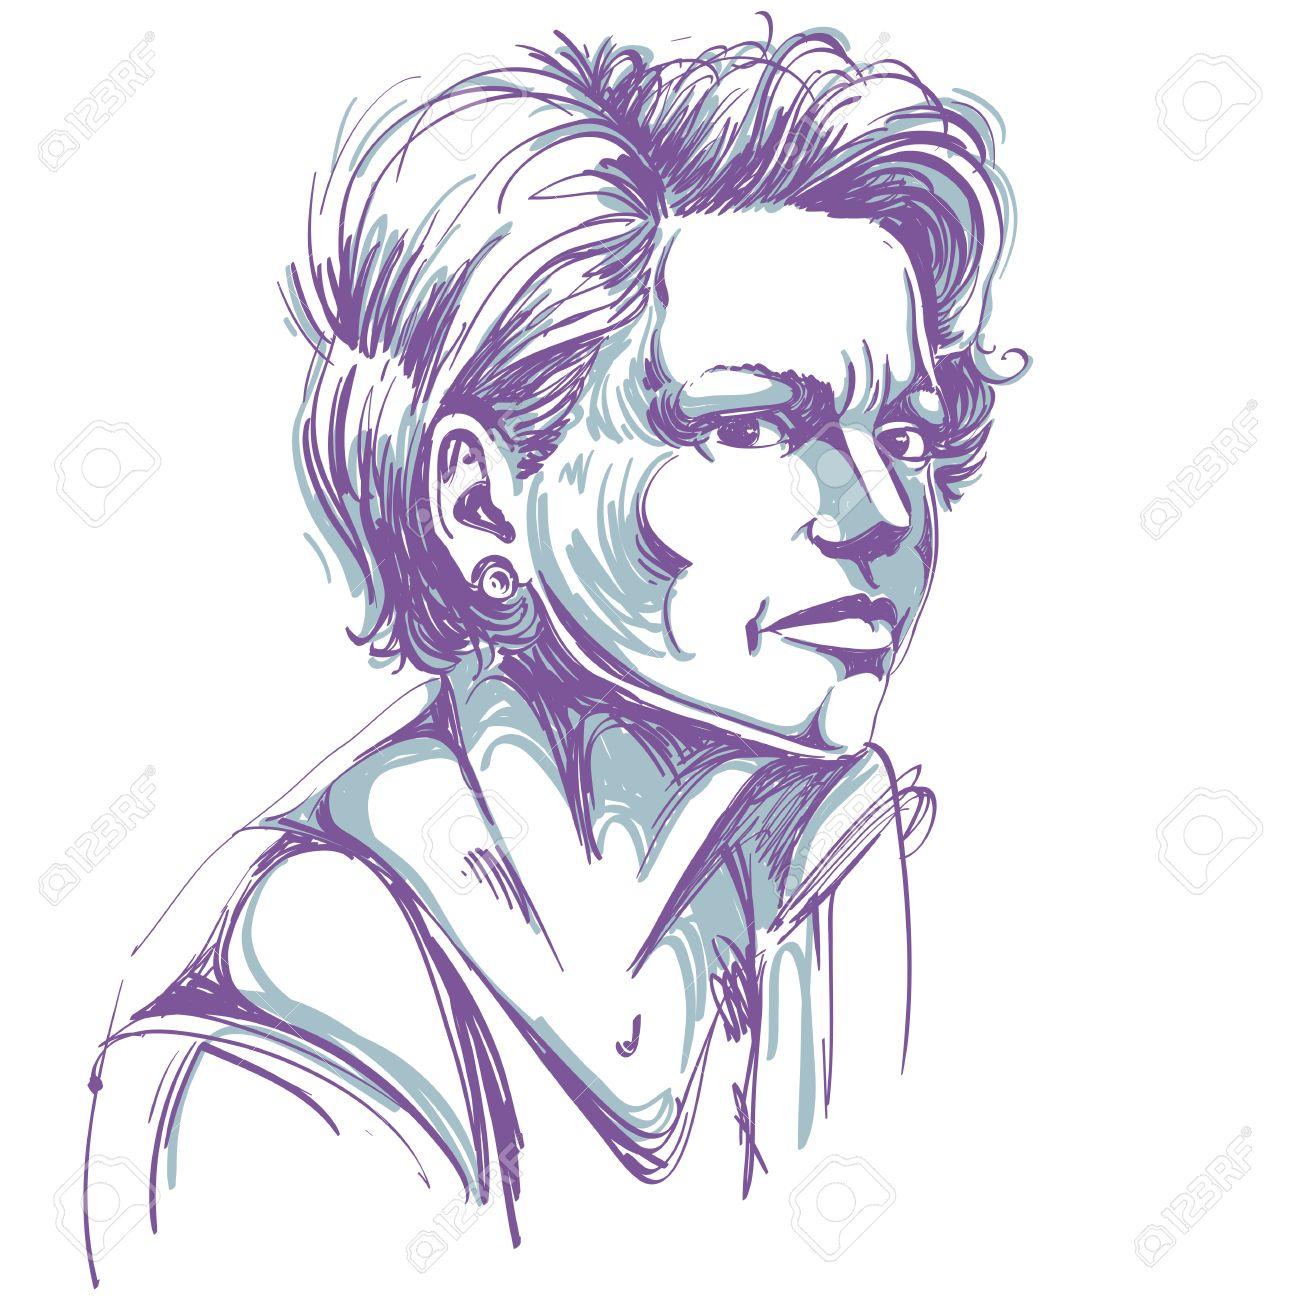 ベクトル疑いきれいな女性のイラストを表現する魅力的な女性の肖像画